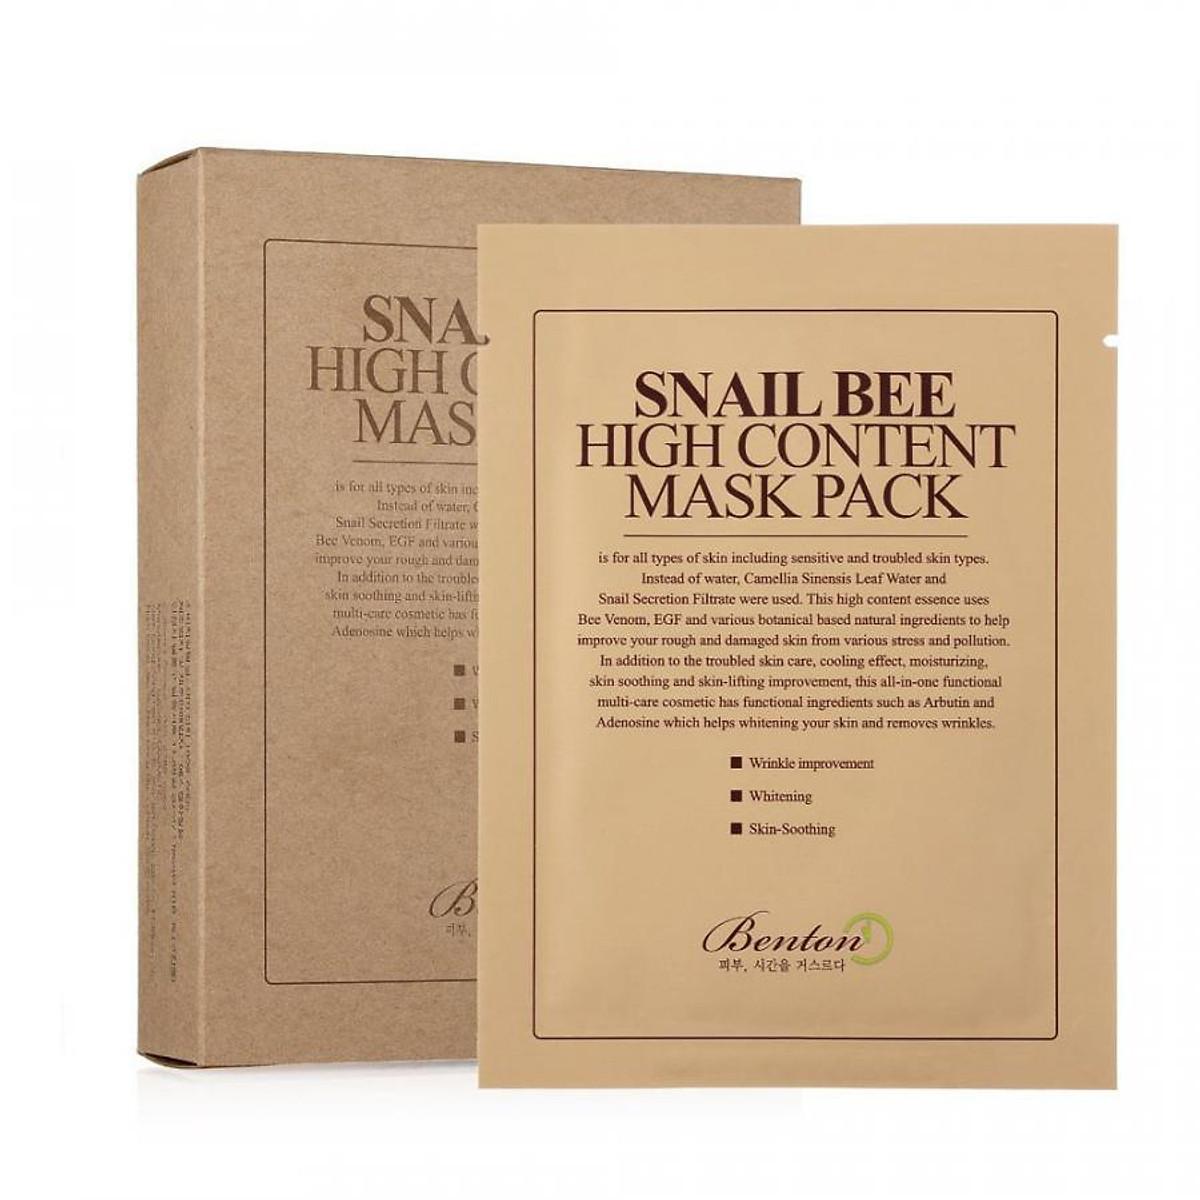 Mặt nạ giấy tinh chất ốc sên Benton Snail Bee High Content Mask Pack là sự lựa chọn tuyệt vời giúp da phục hồi và tăng sản xuất collagen sau khi lăn kim